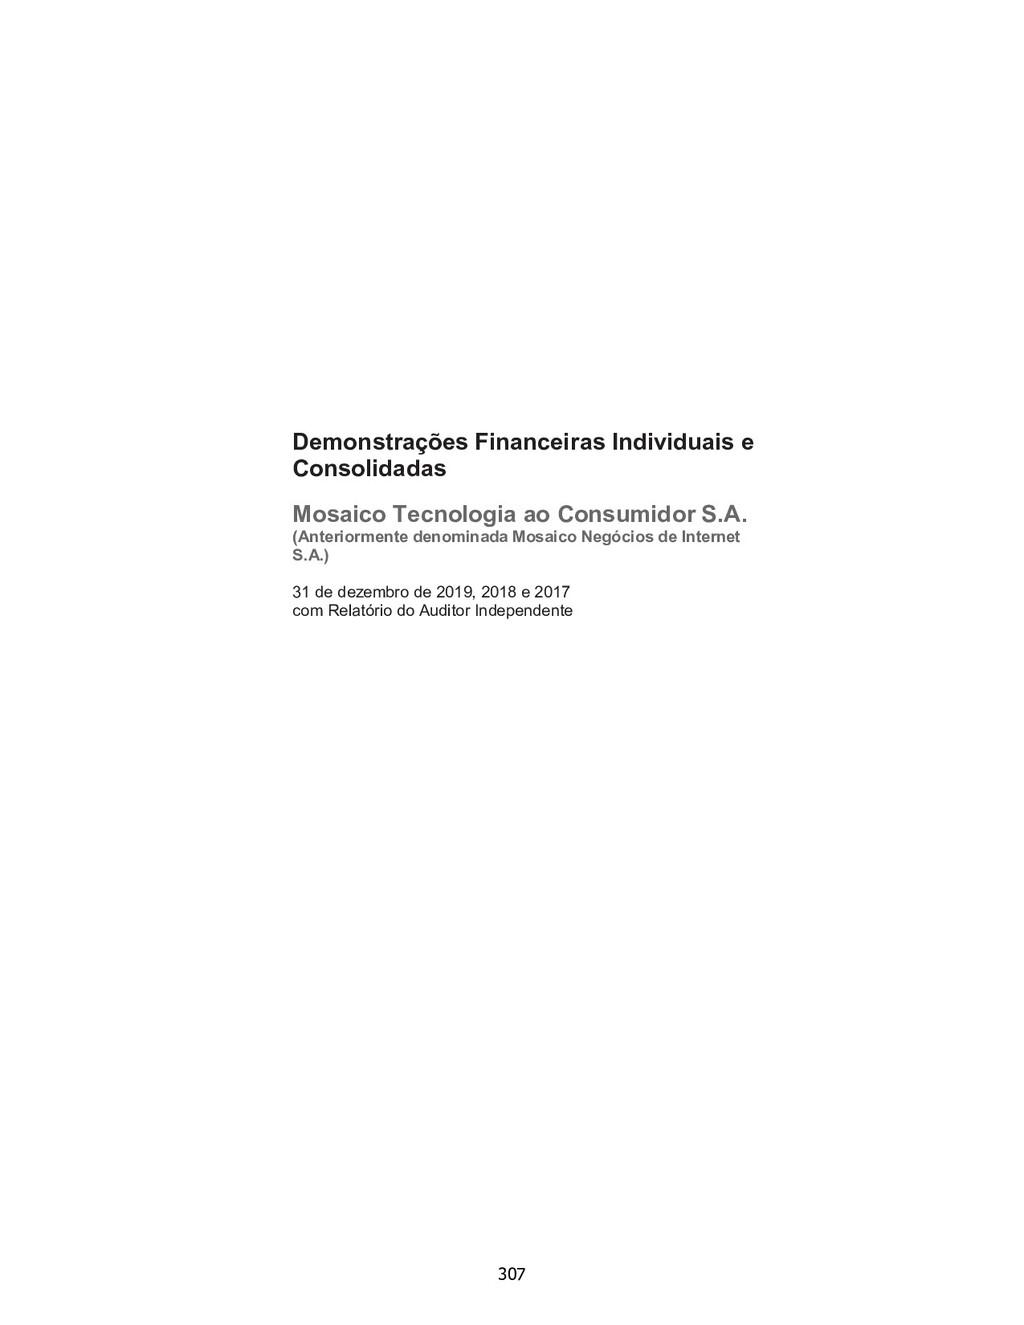 Demonstrações Financeiras Individuais e Consoli...